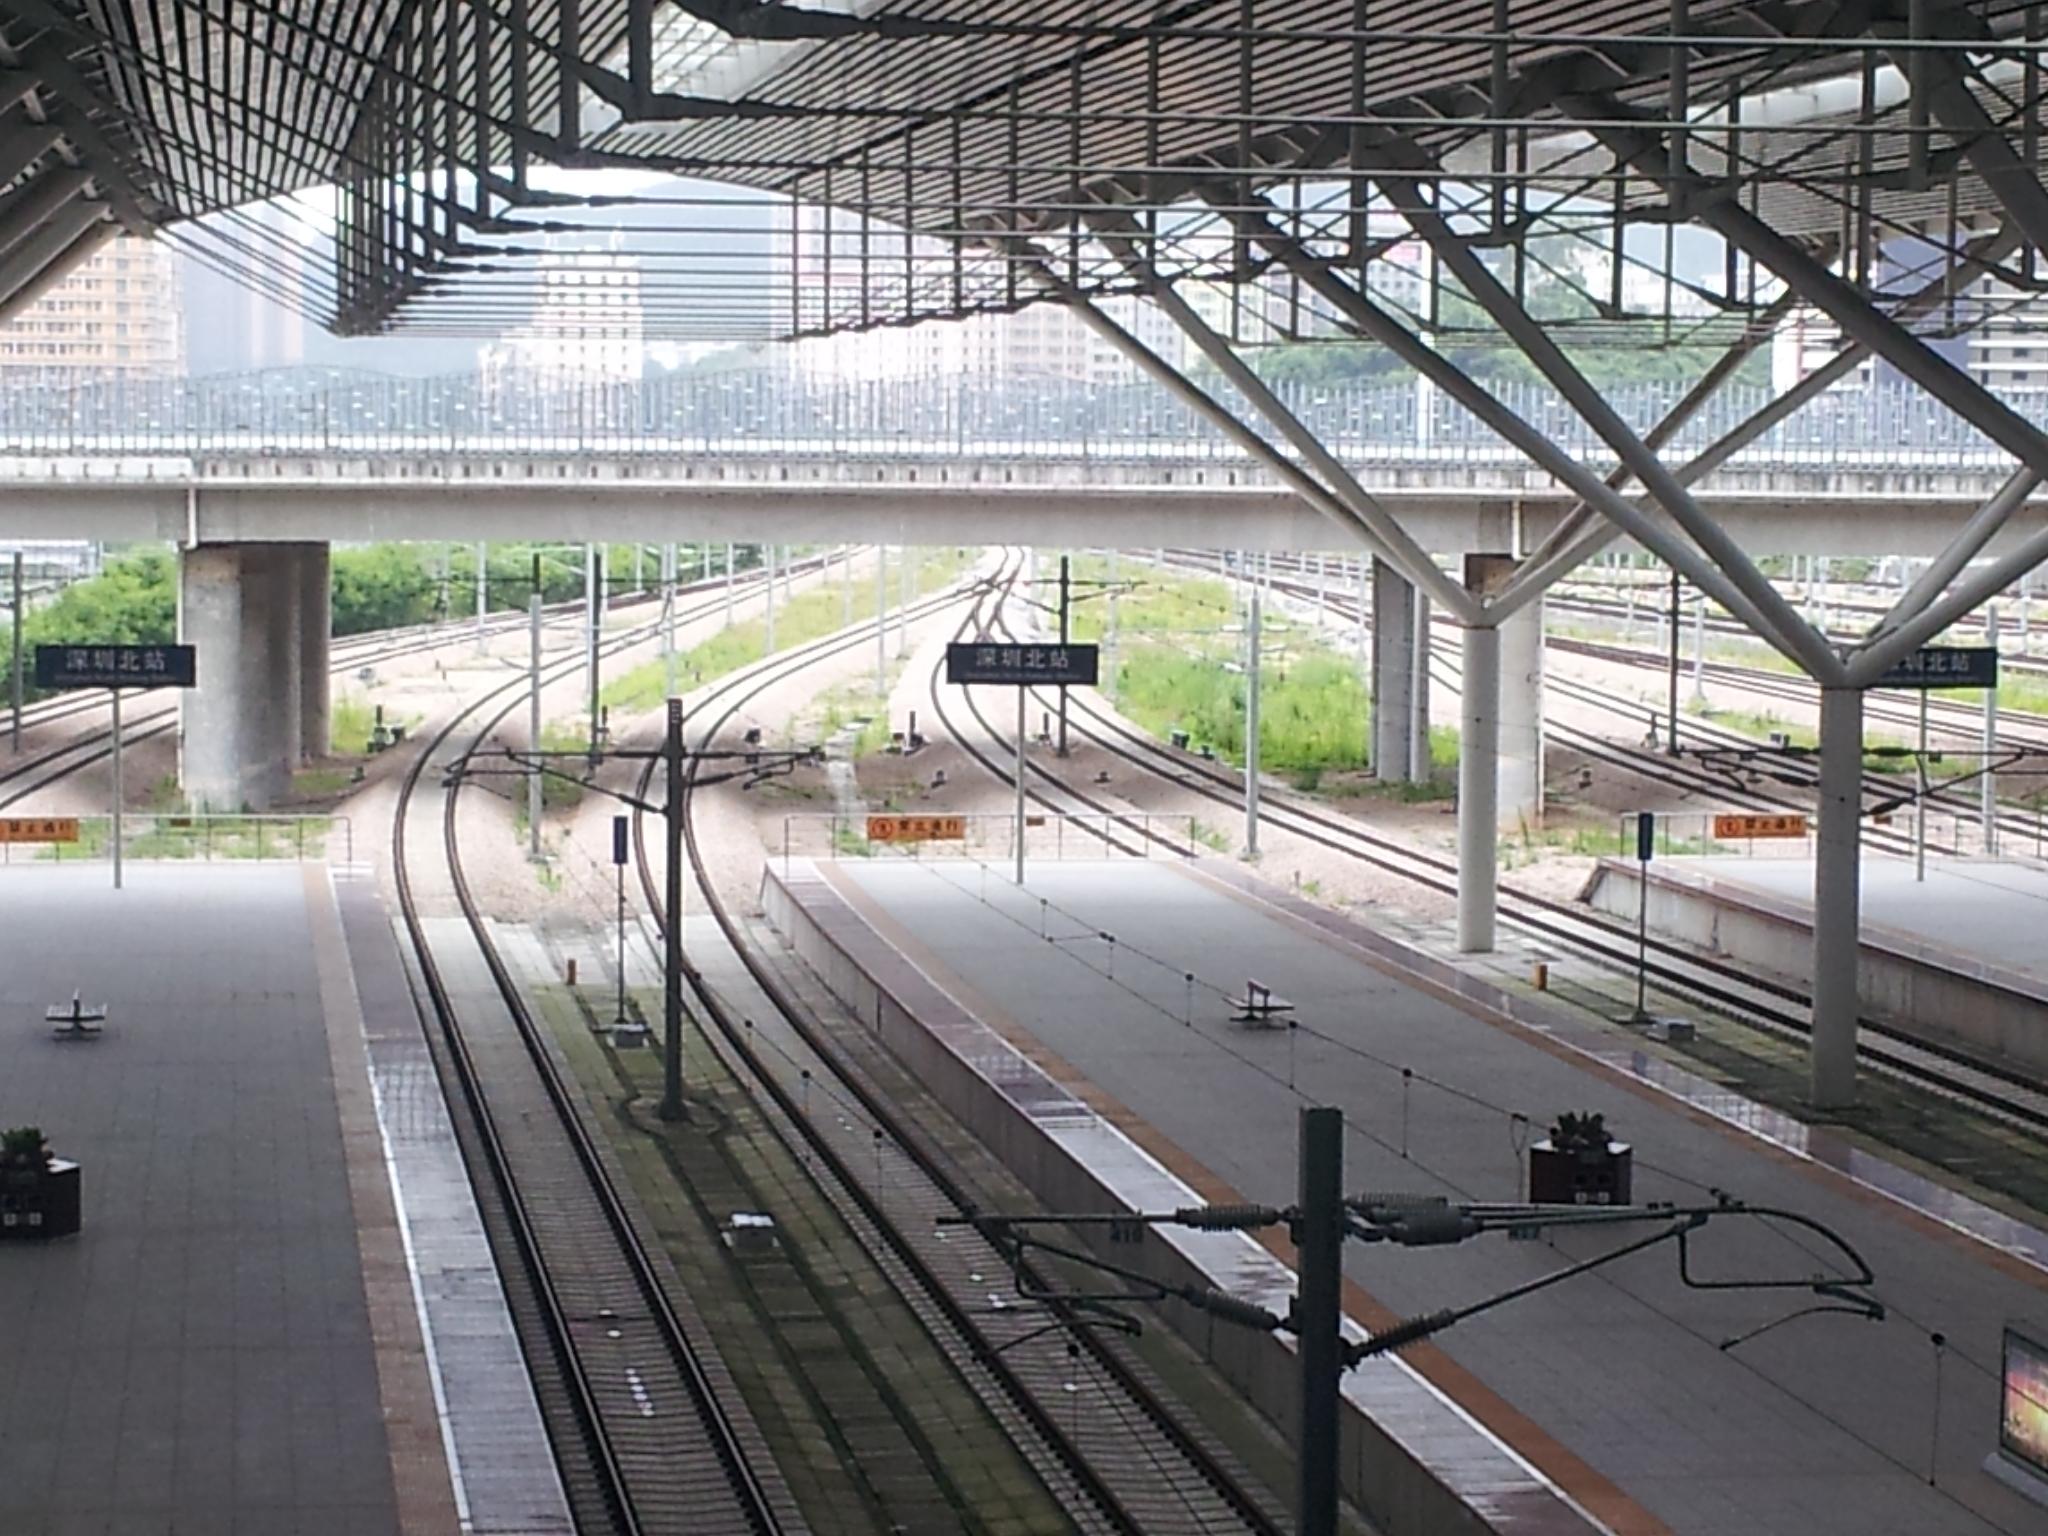 抵达深圳北站图片